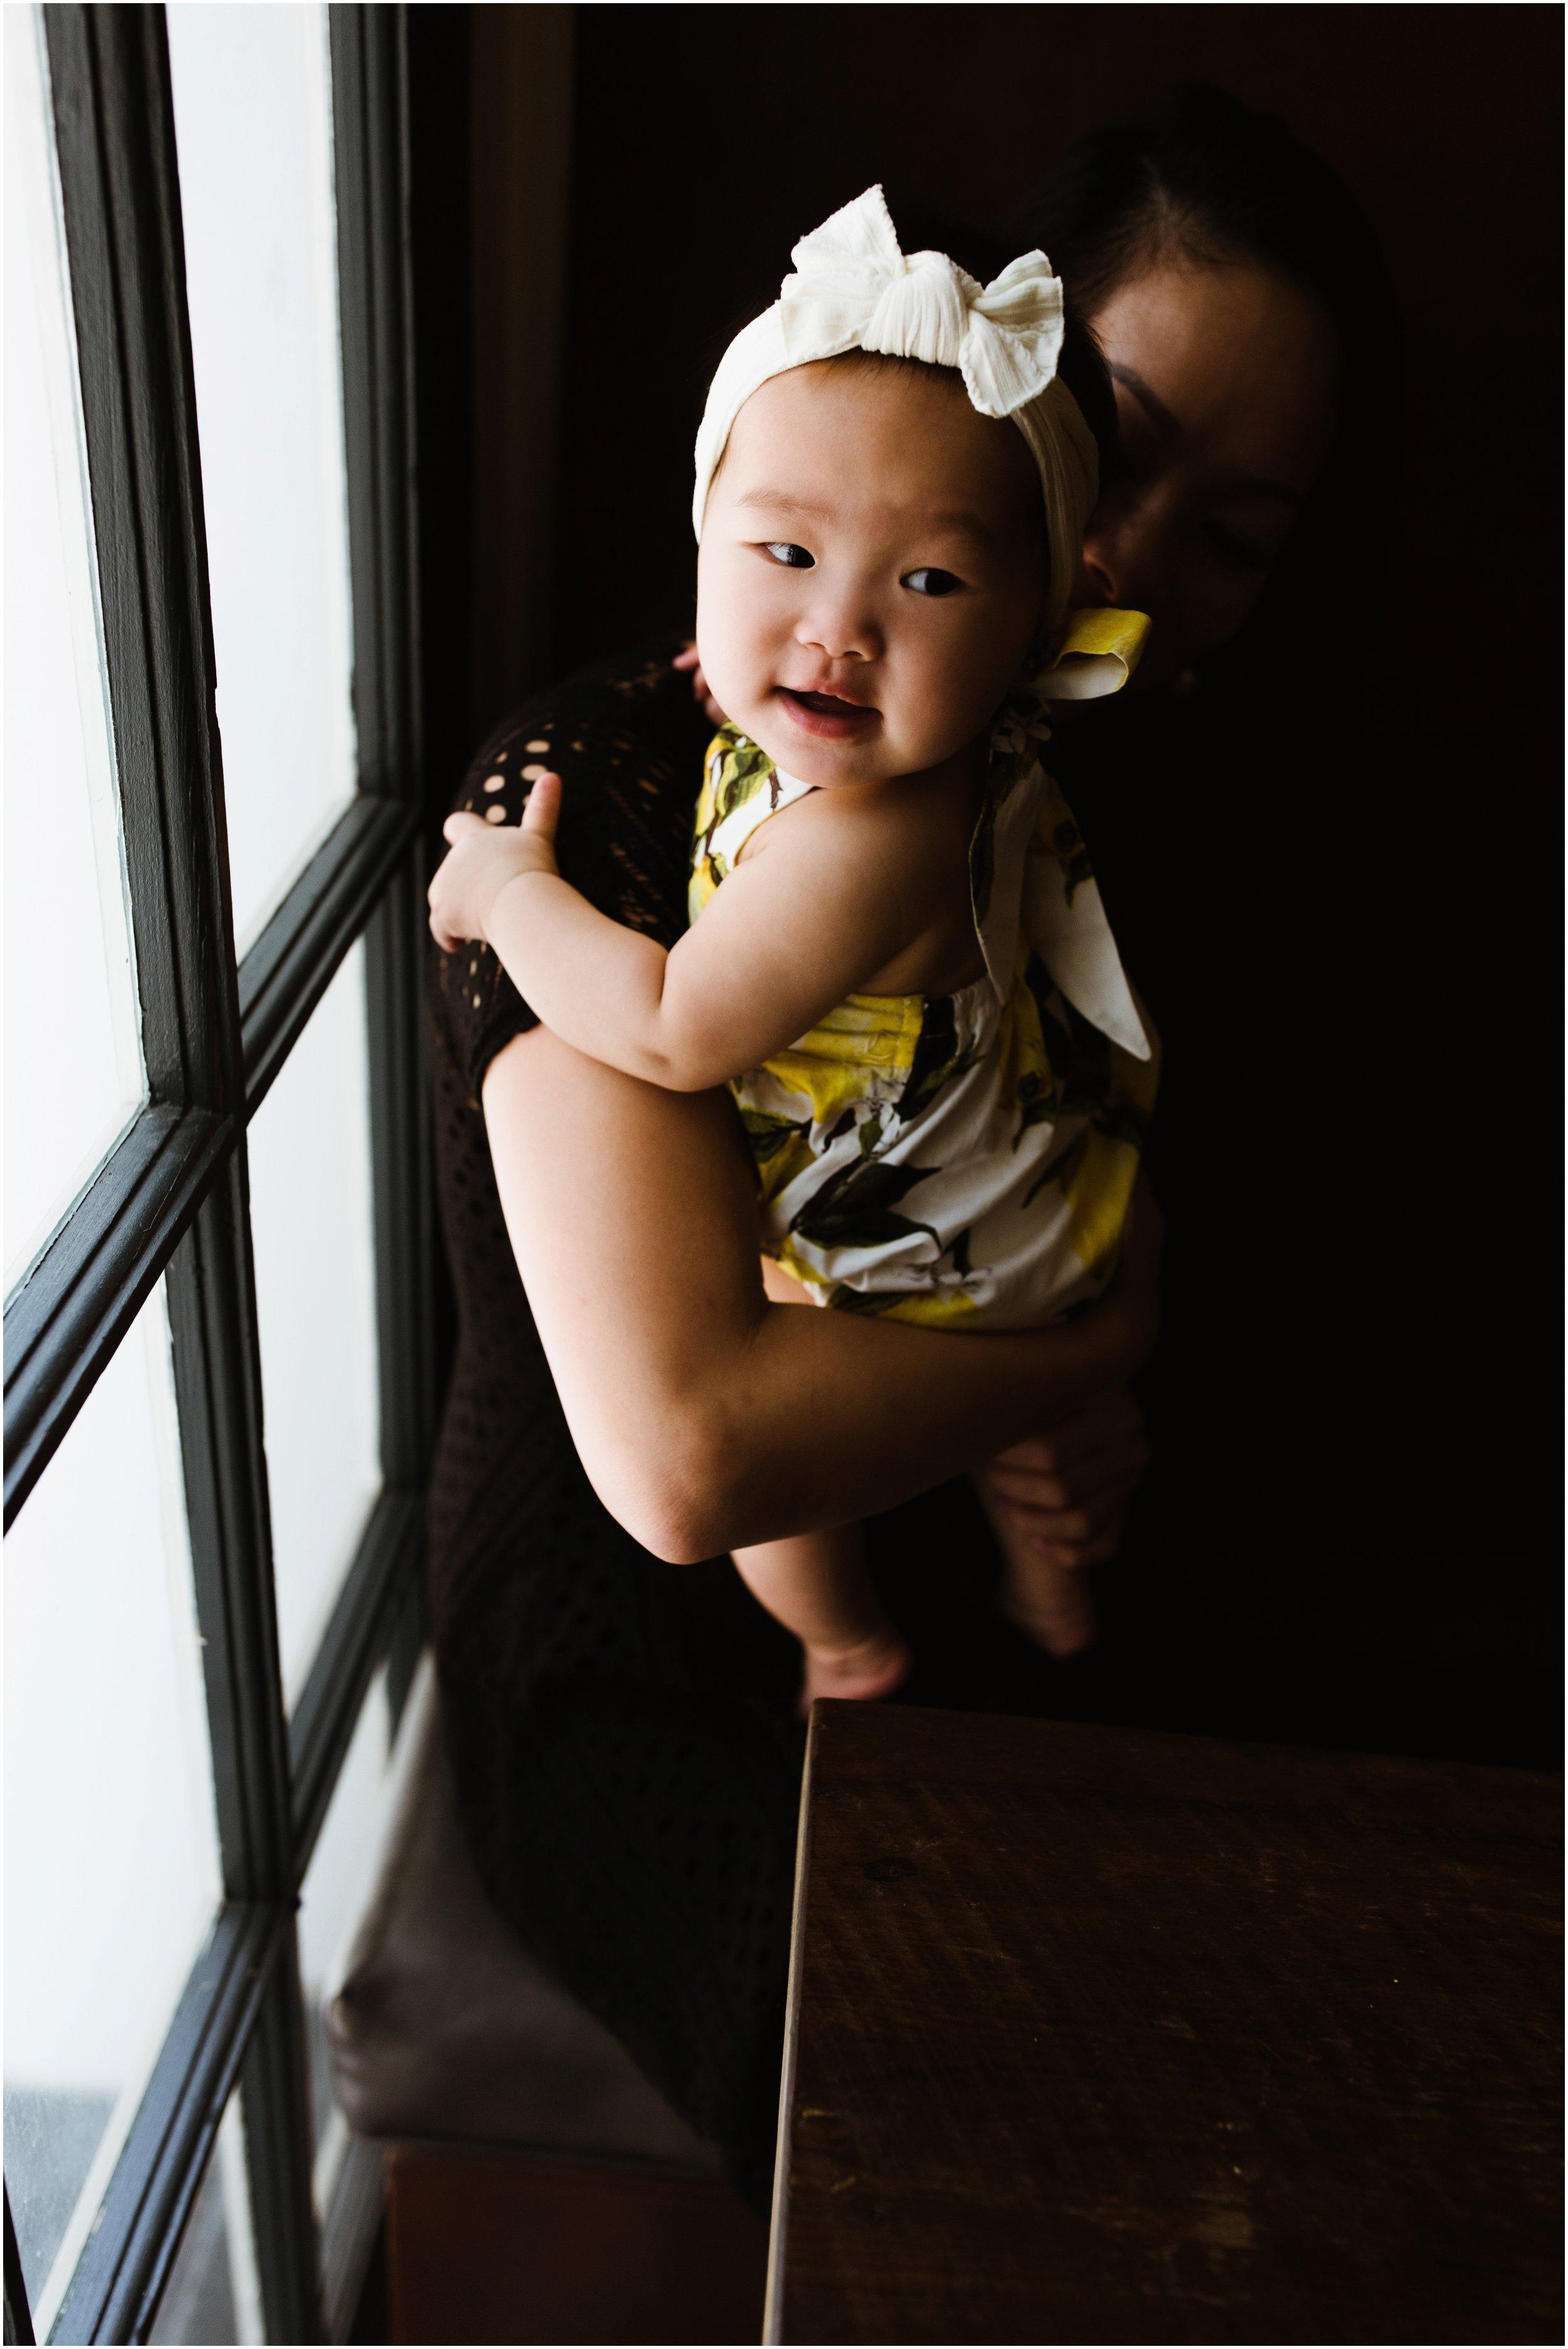 Nori-Catahoula-Hotel-2017-6-Months-Family-7738_quaint-and-whim-lifestyle-newborn-photographer-louisiana.jpg